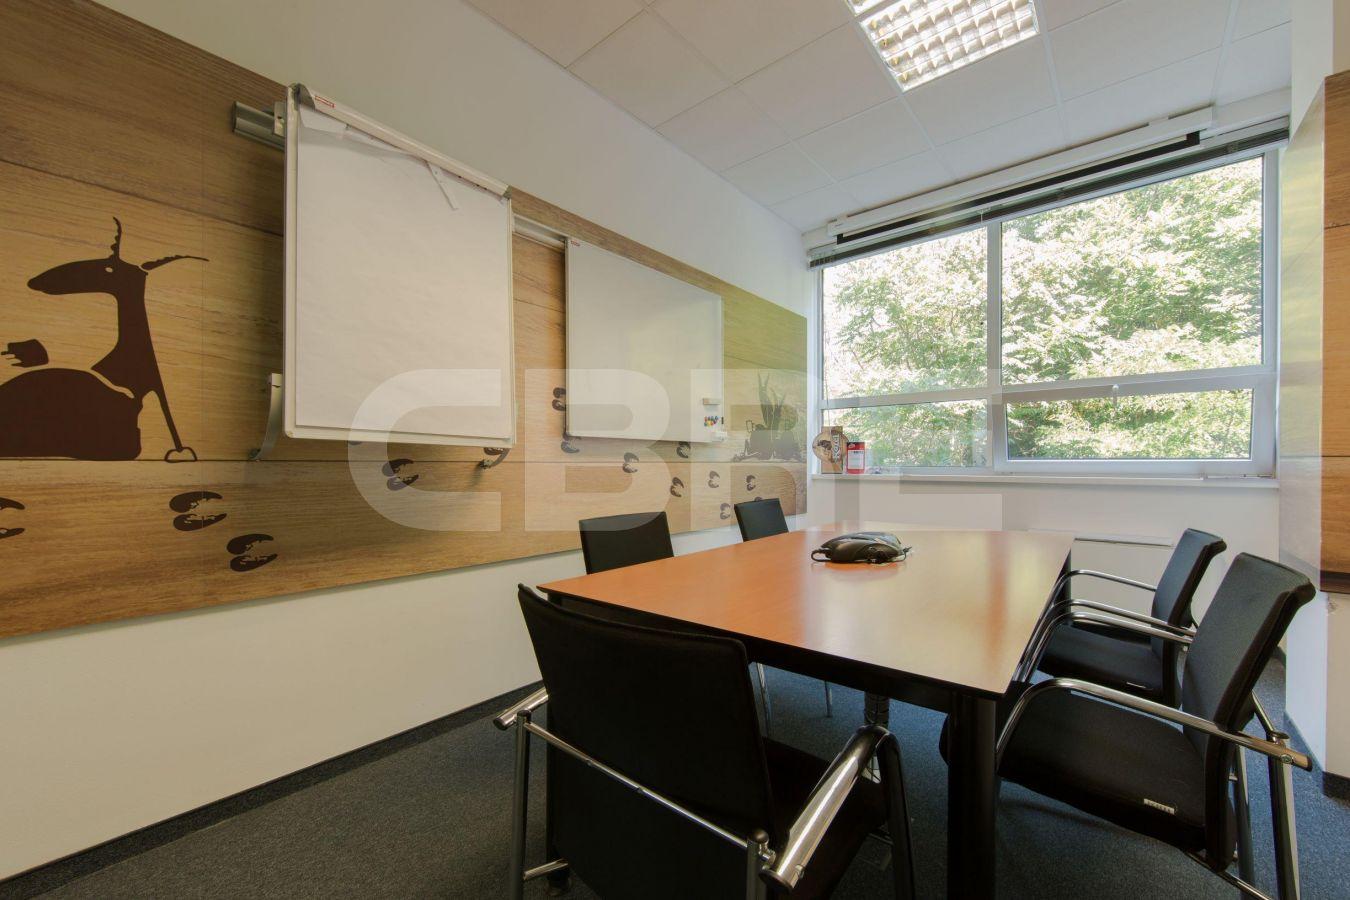 Slávičie údolie 106, Bratislava - Staré Mesto | Offices for rent by CBRE | 5